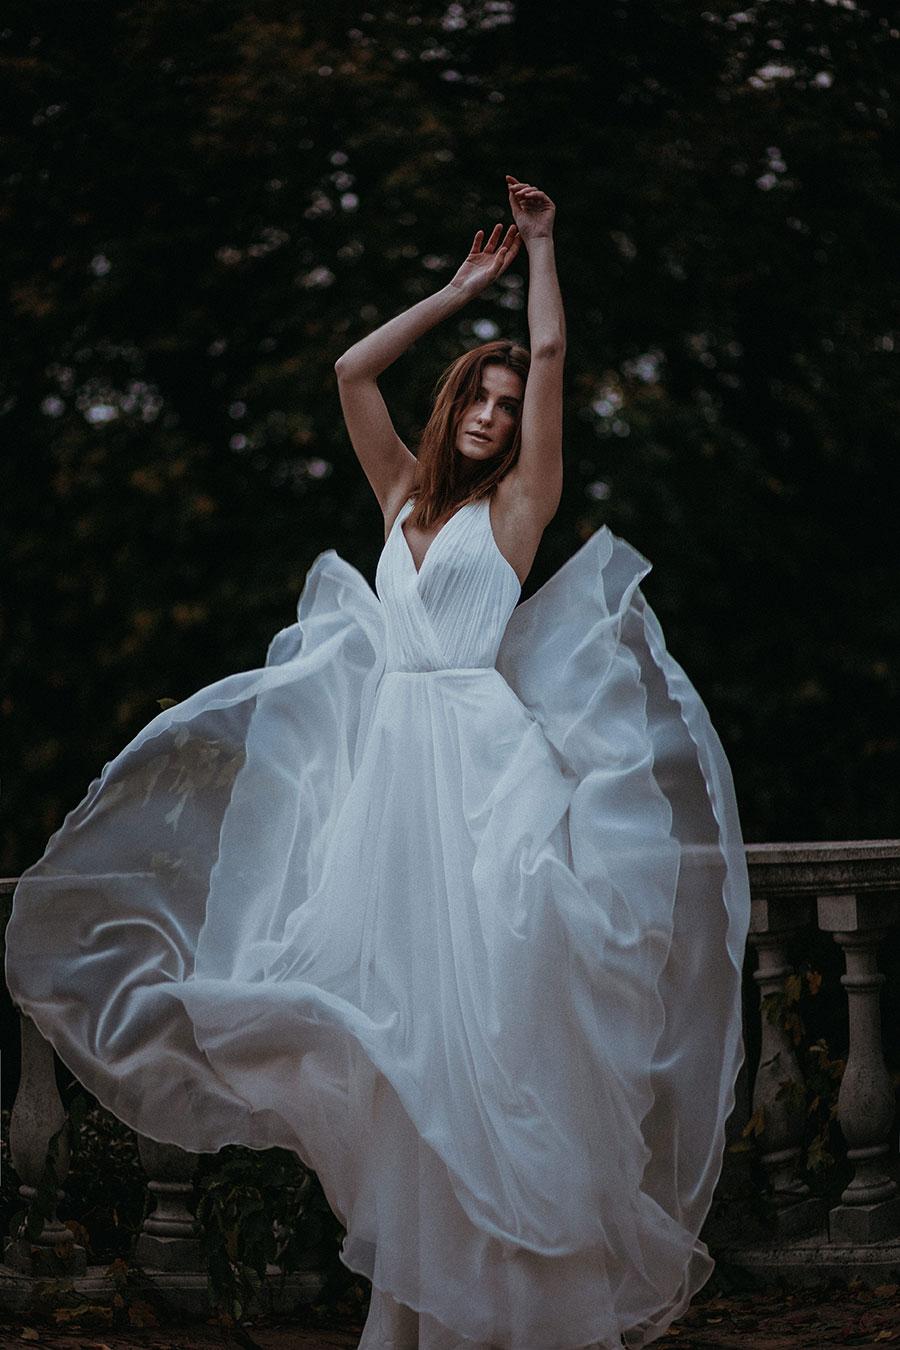 Gaia-Sanyukta-Shrestha-bridal-dress-sample-sale